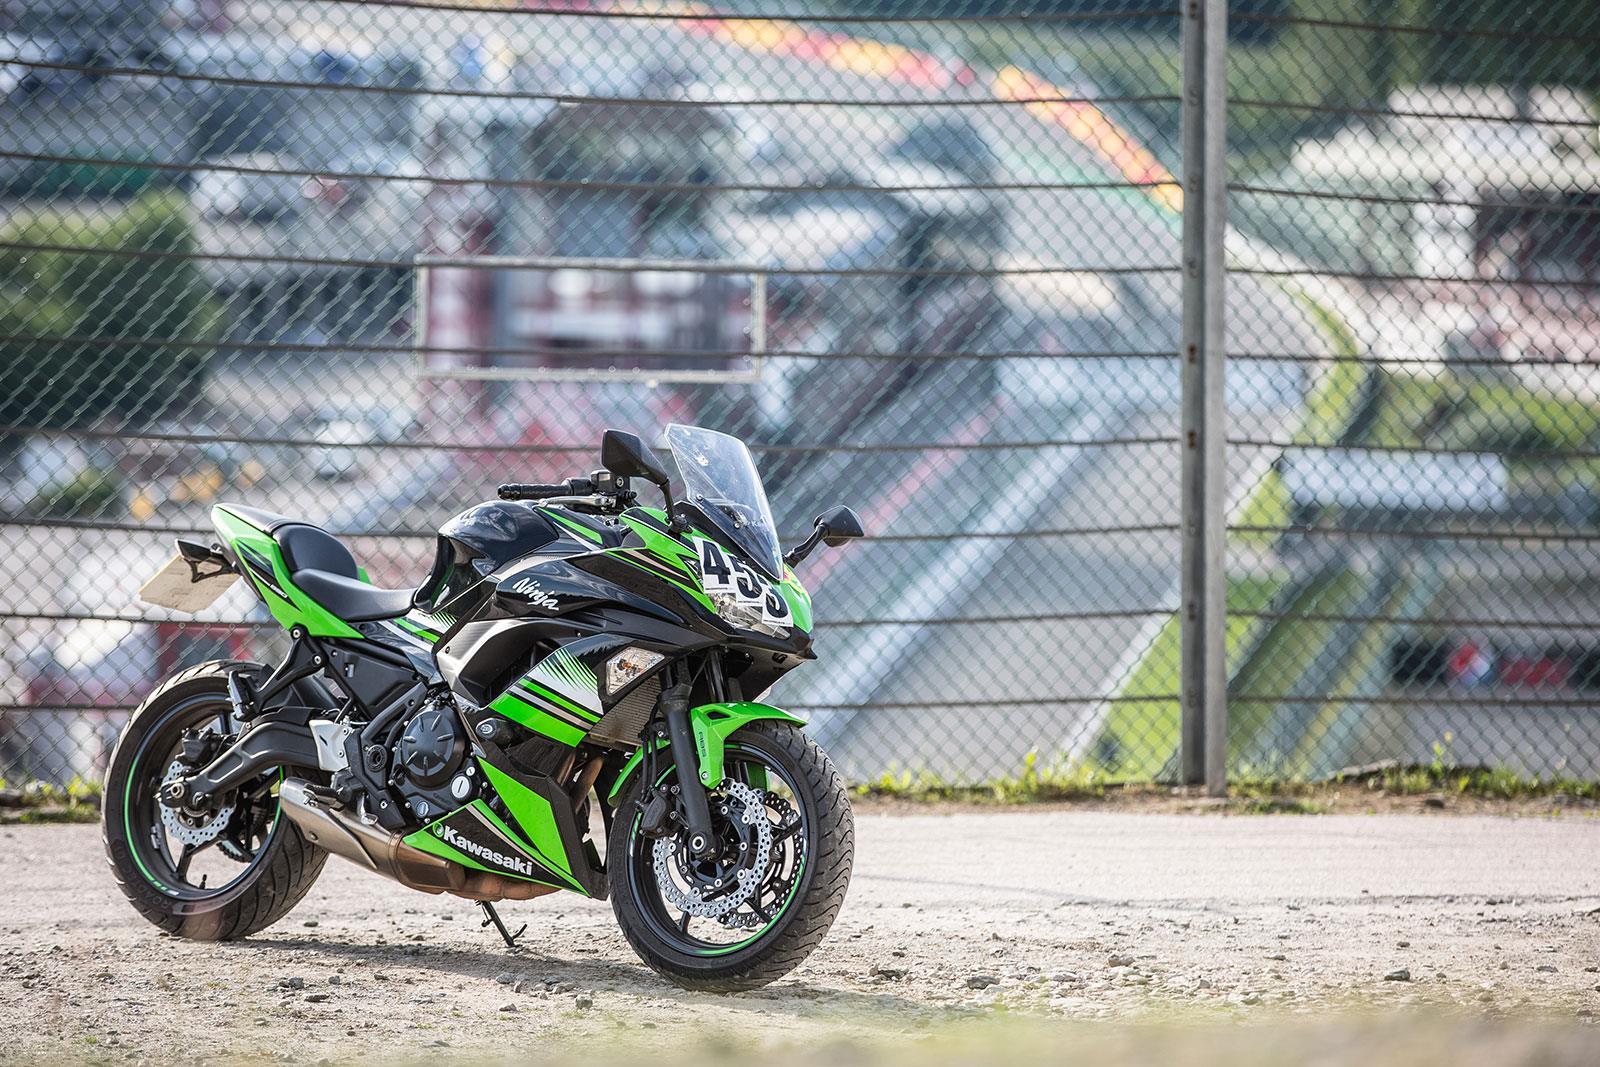 Kawasaki Ninja 650 at Spa Francorchamps